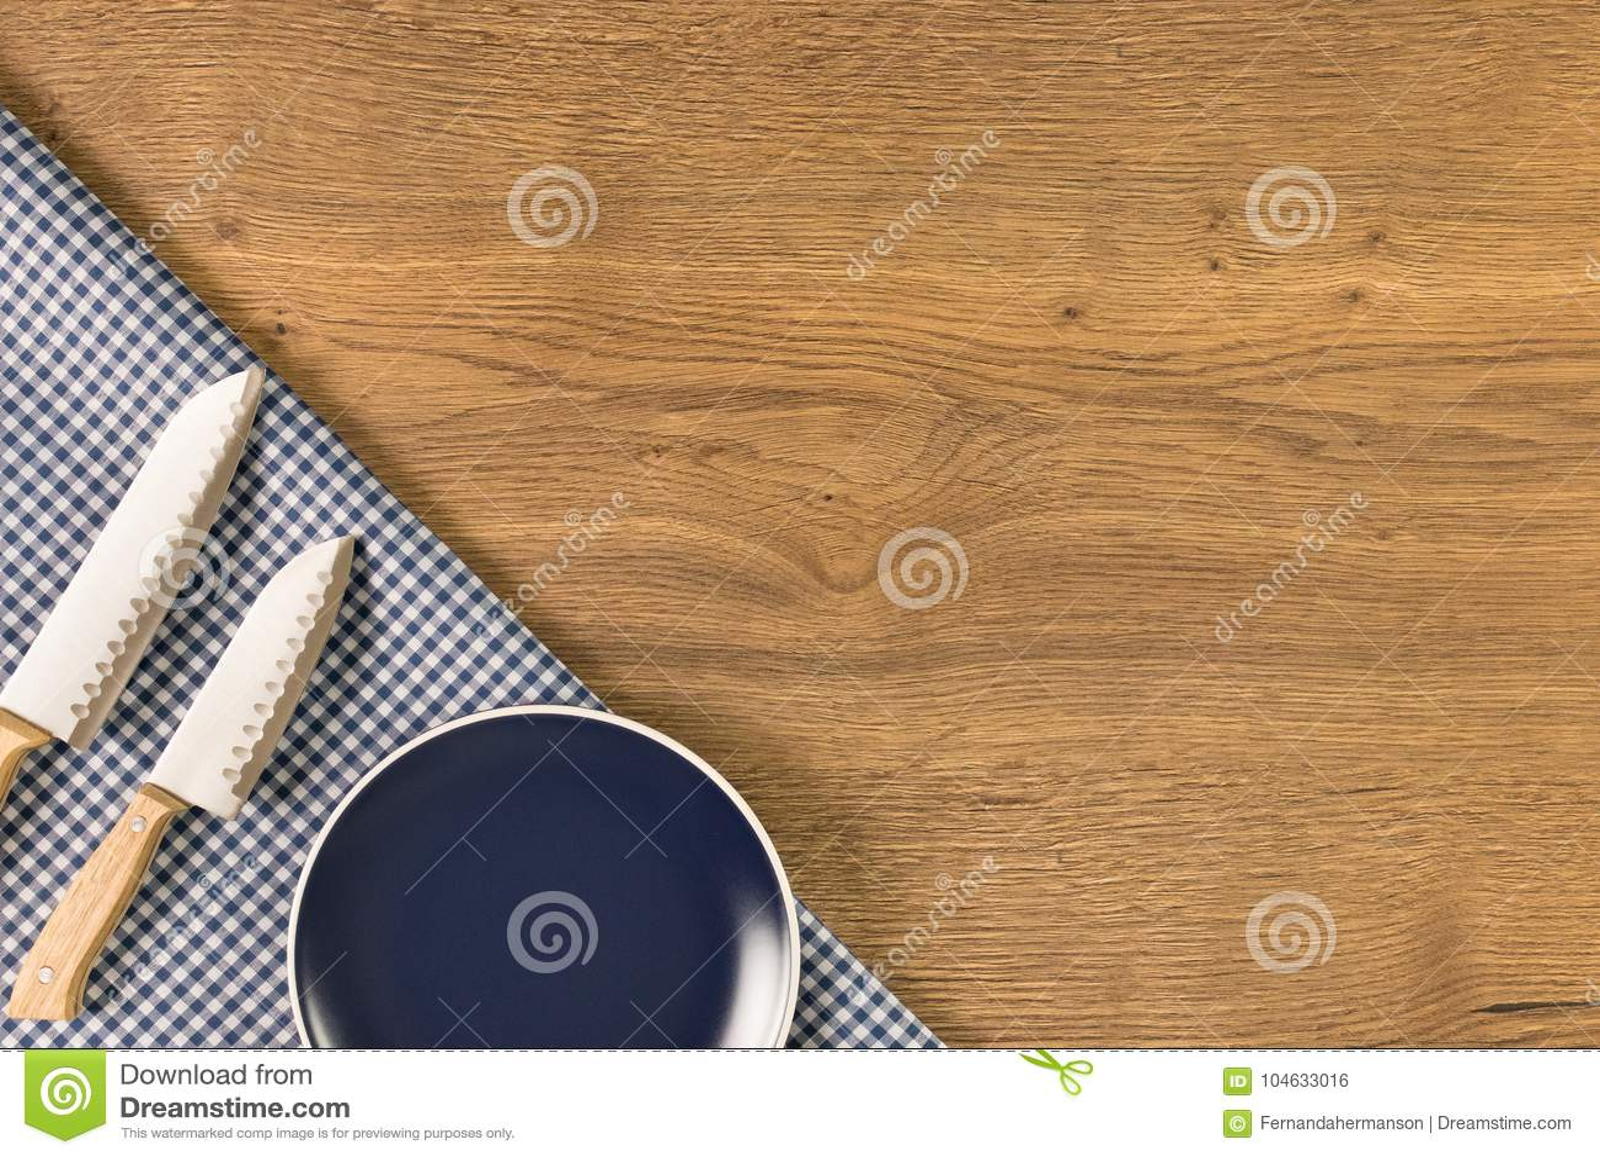 Download Plaat En Messen Op Houten Lijstachtergrond Stock Foto - Afbeelding bestaande uit vork, bestek: 104633016